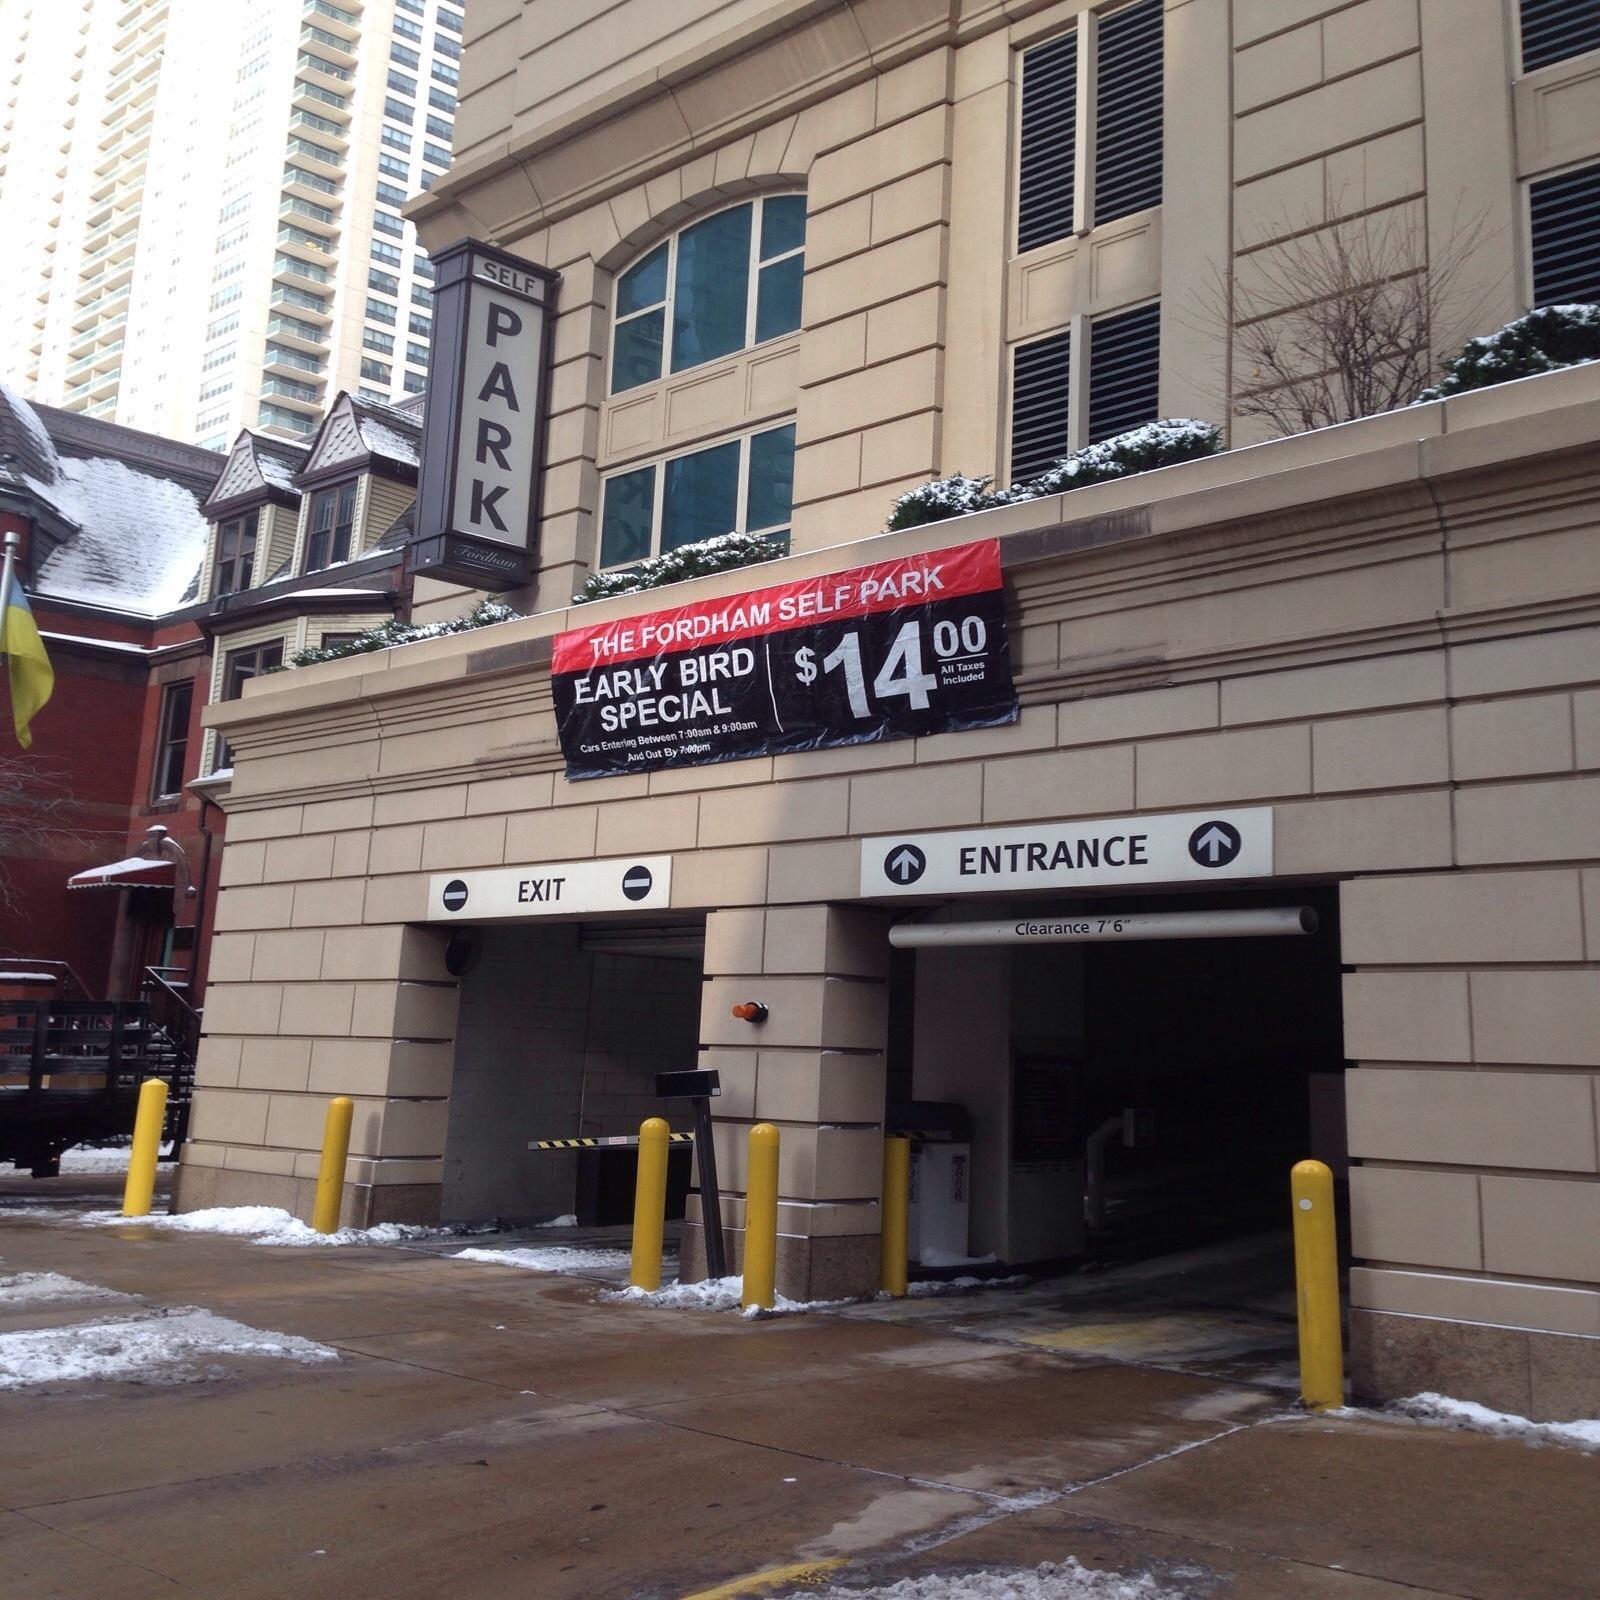 Fordham Garage - Parking In Chicago